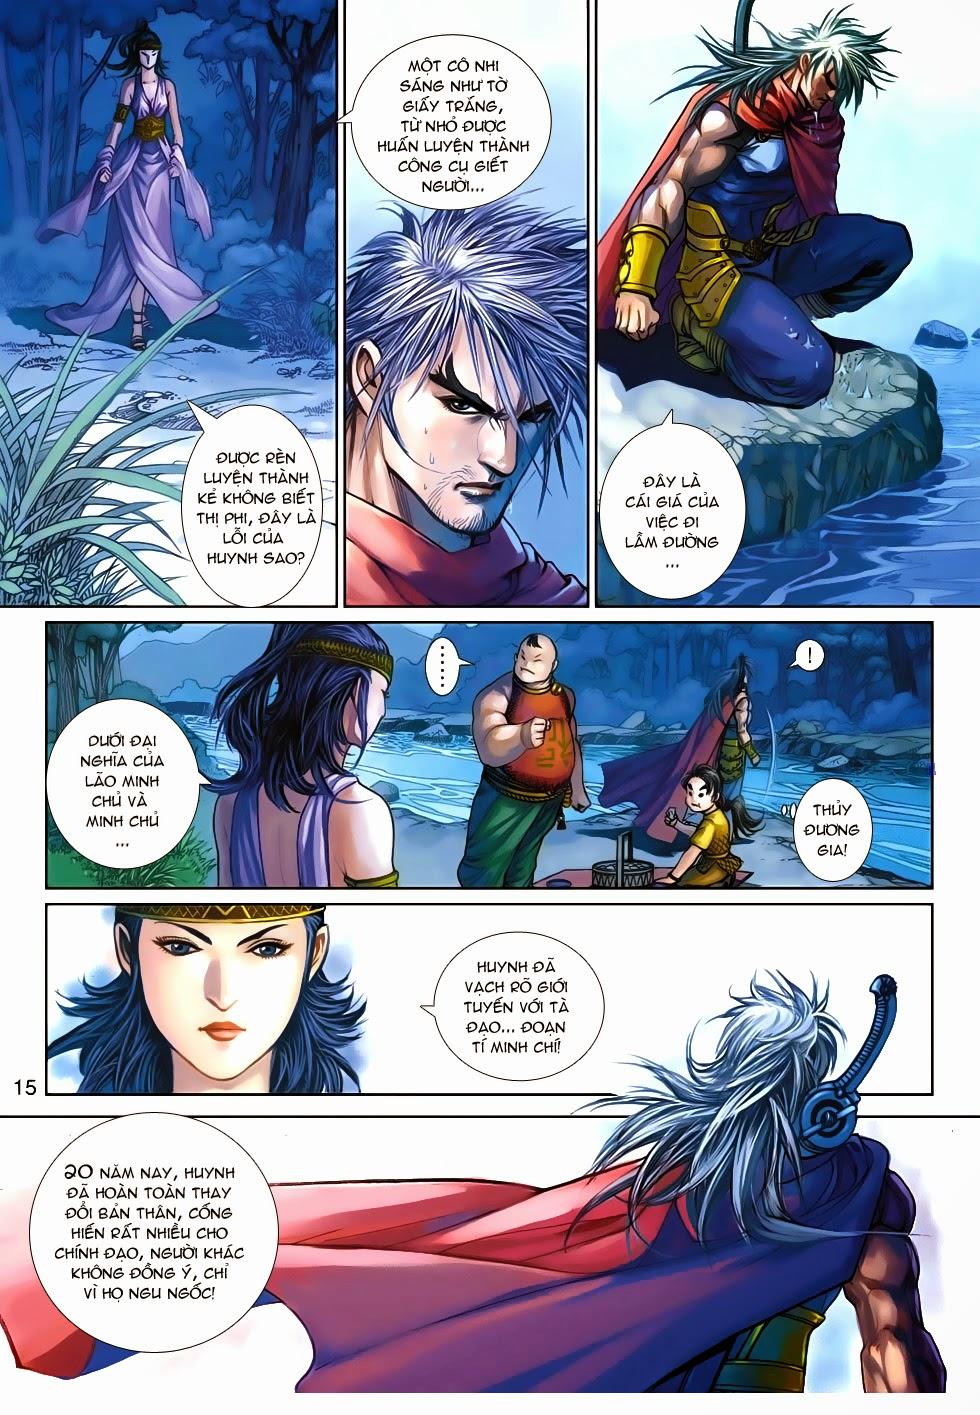 Thần Binh Tiền Truyện 4 - Huyền Thiên Tà Đế chap 9 - Trang 15